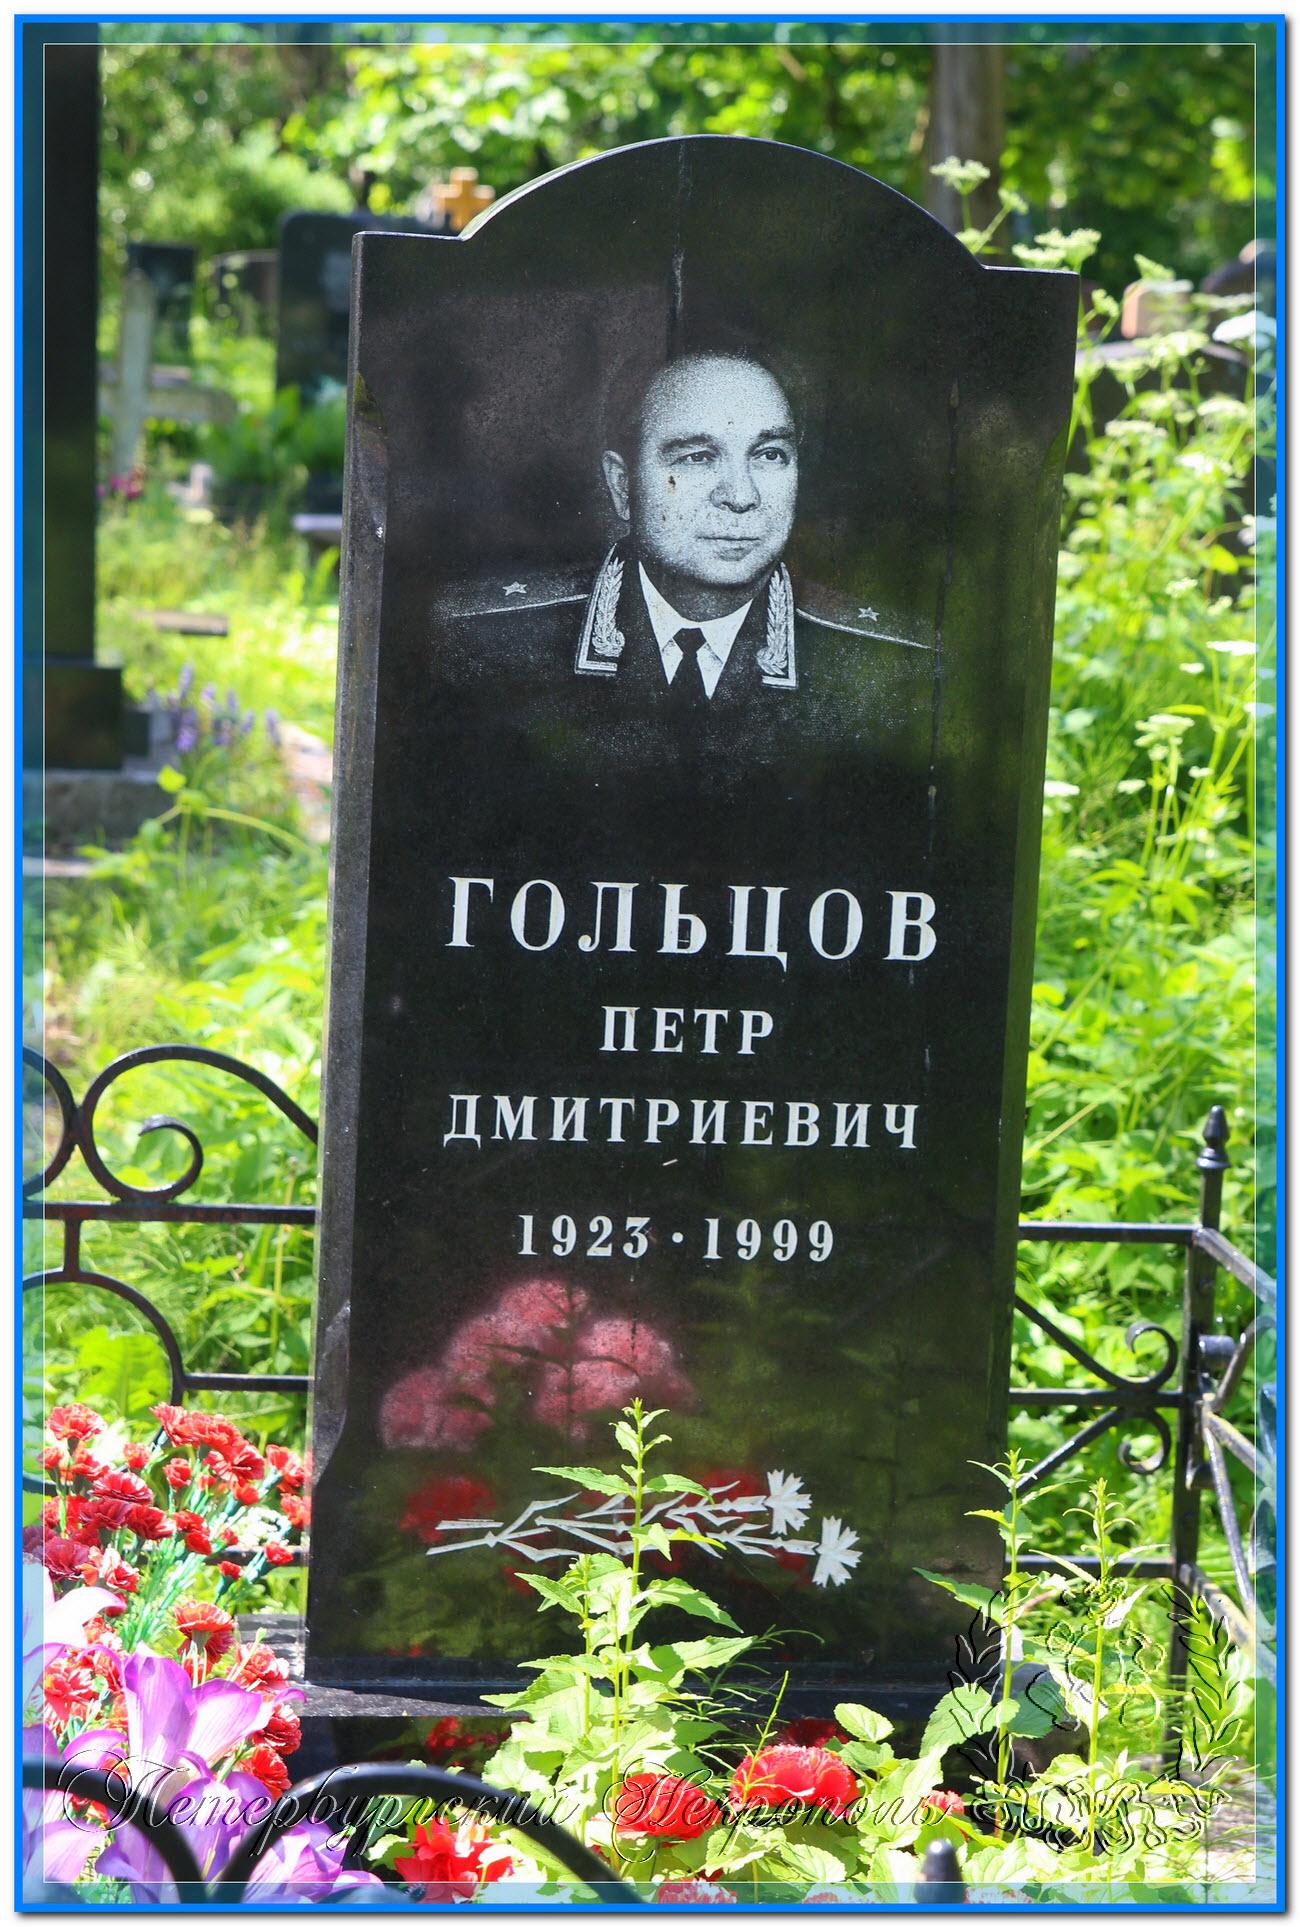 © Гольцов Пётр Дмитриевич